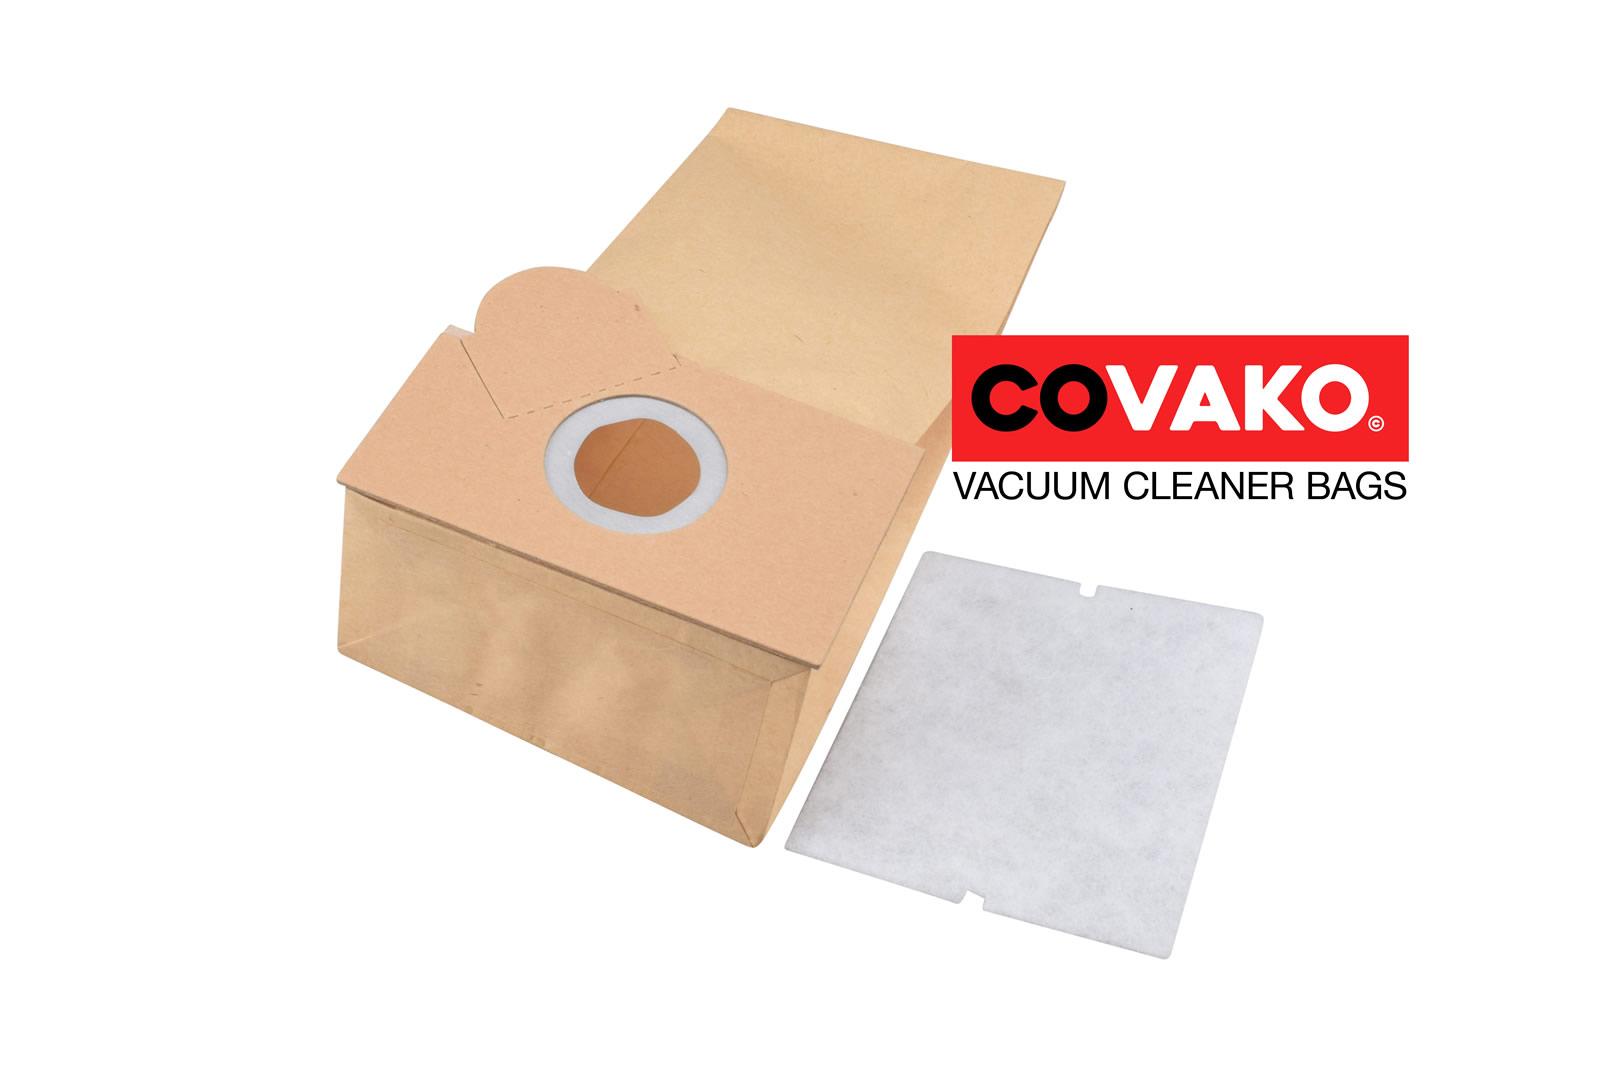 Fimap UP 36 / Papier - Fimap sacs d'aspirateur